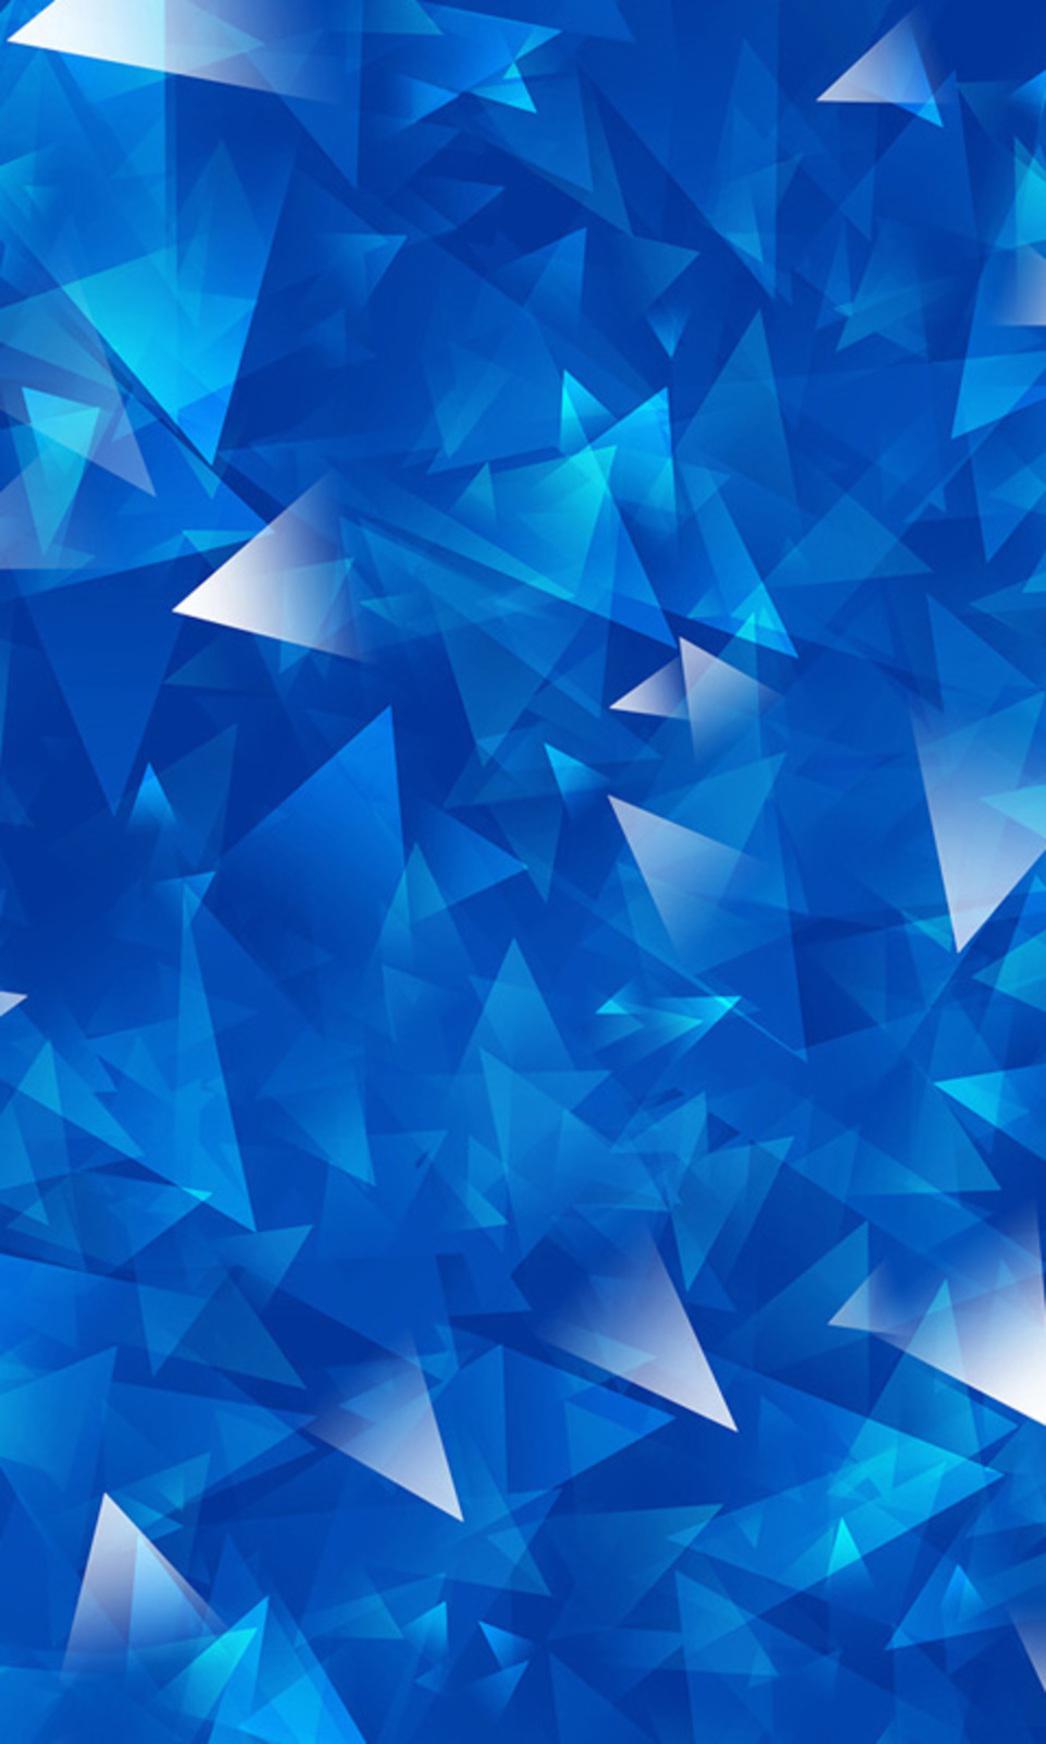 Синий треугольник русский перевод смотреть онлайн 13 фотография